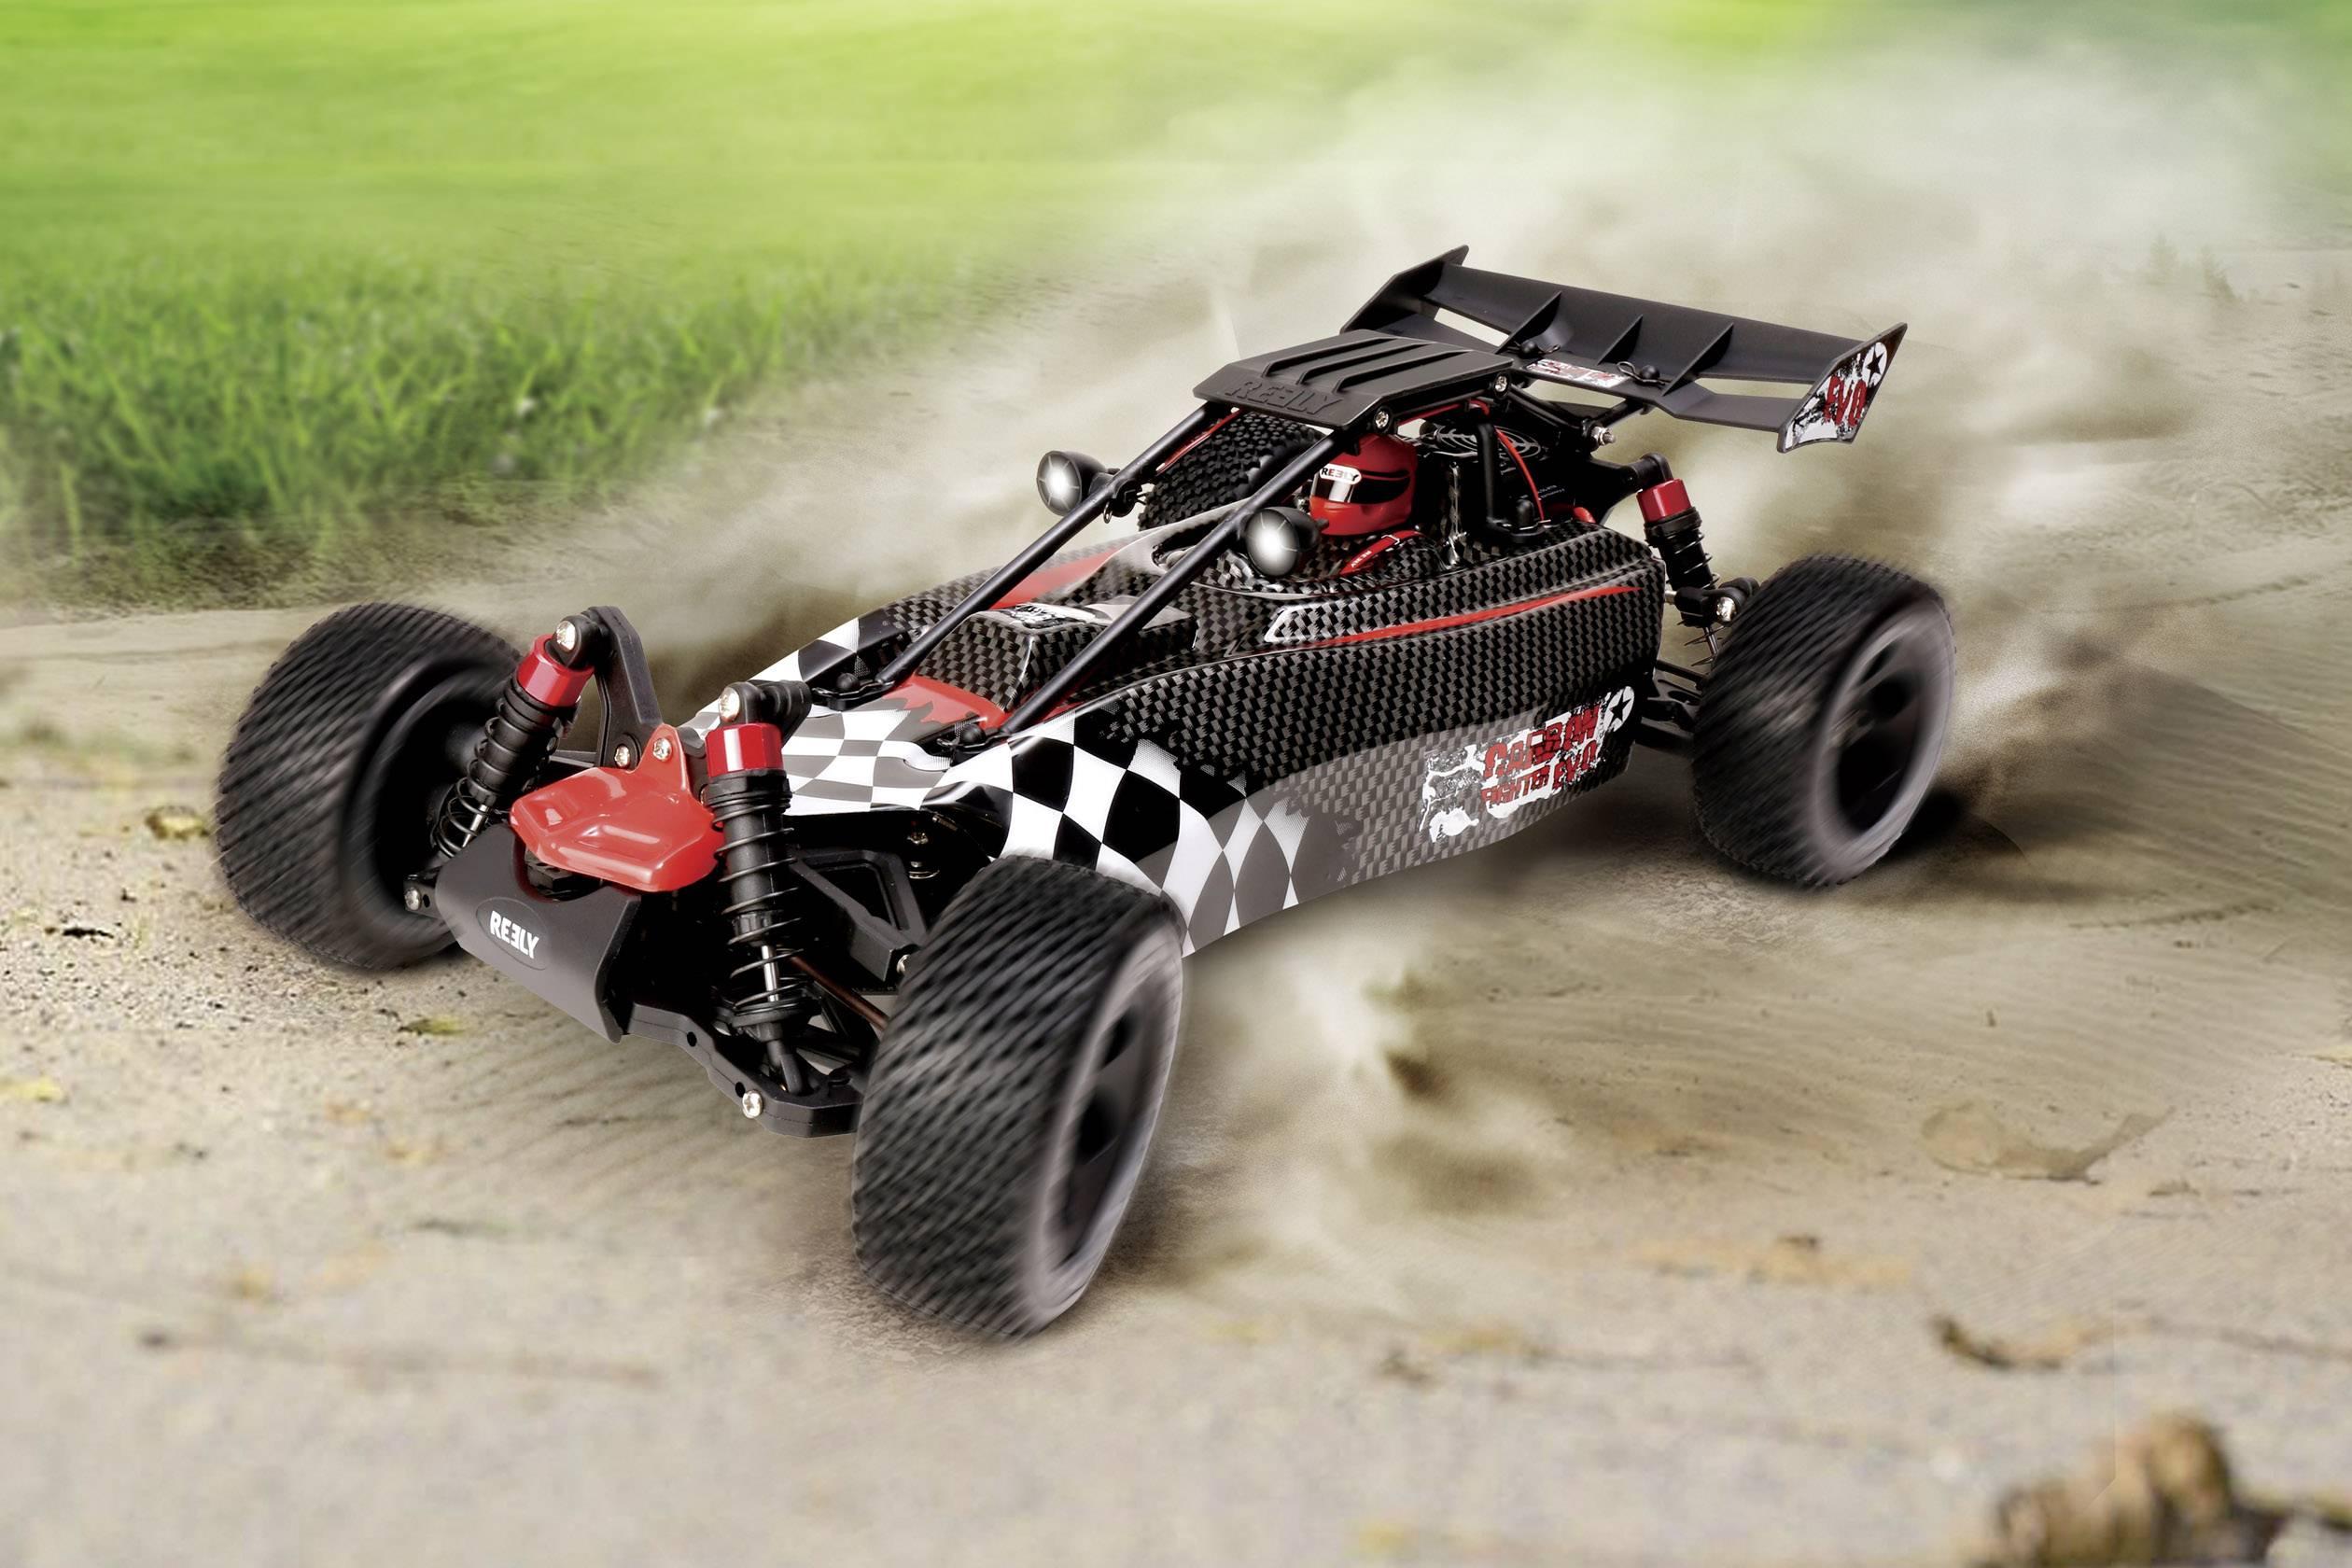 RC model auta Buggy Reely Carbon Fighter EVO, střídavý (Brushless), 1:10, 4WD (4x4), RtR, 35 km/h